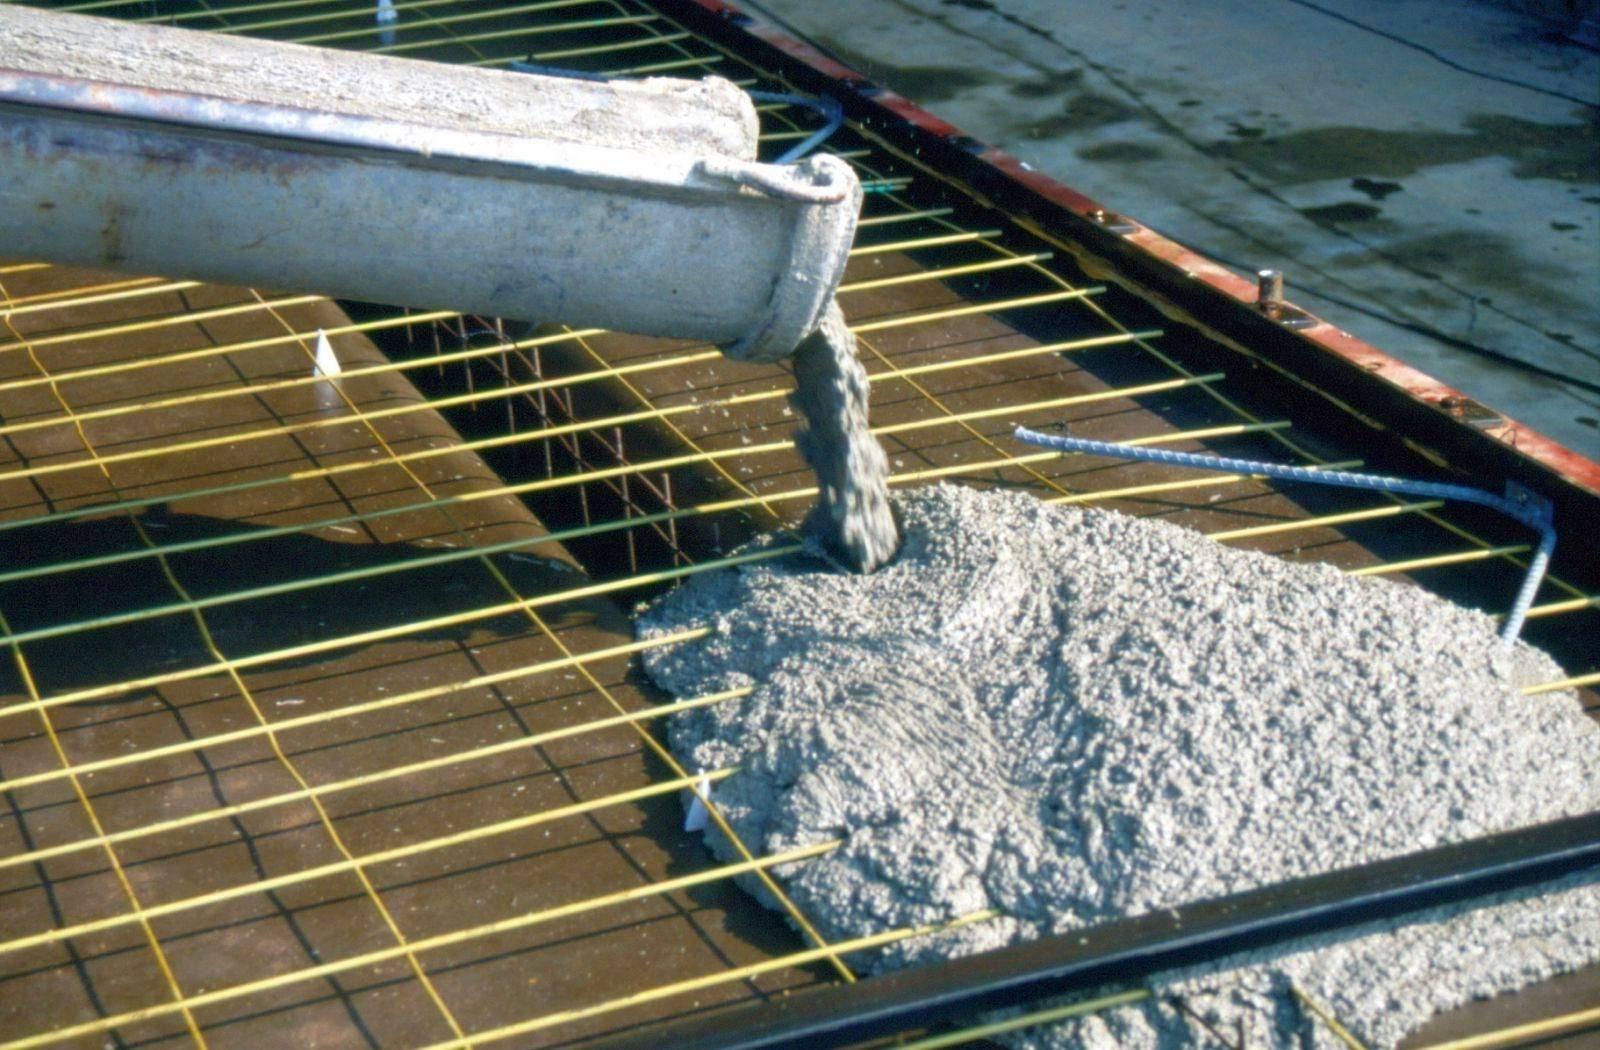 Фото заливки бетона купить битый бетон в нижнем новгороде